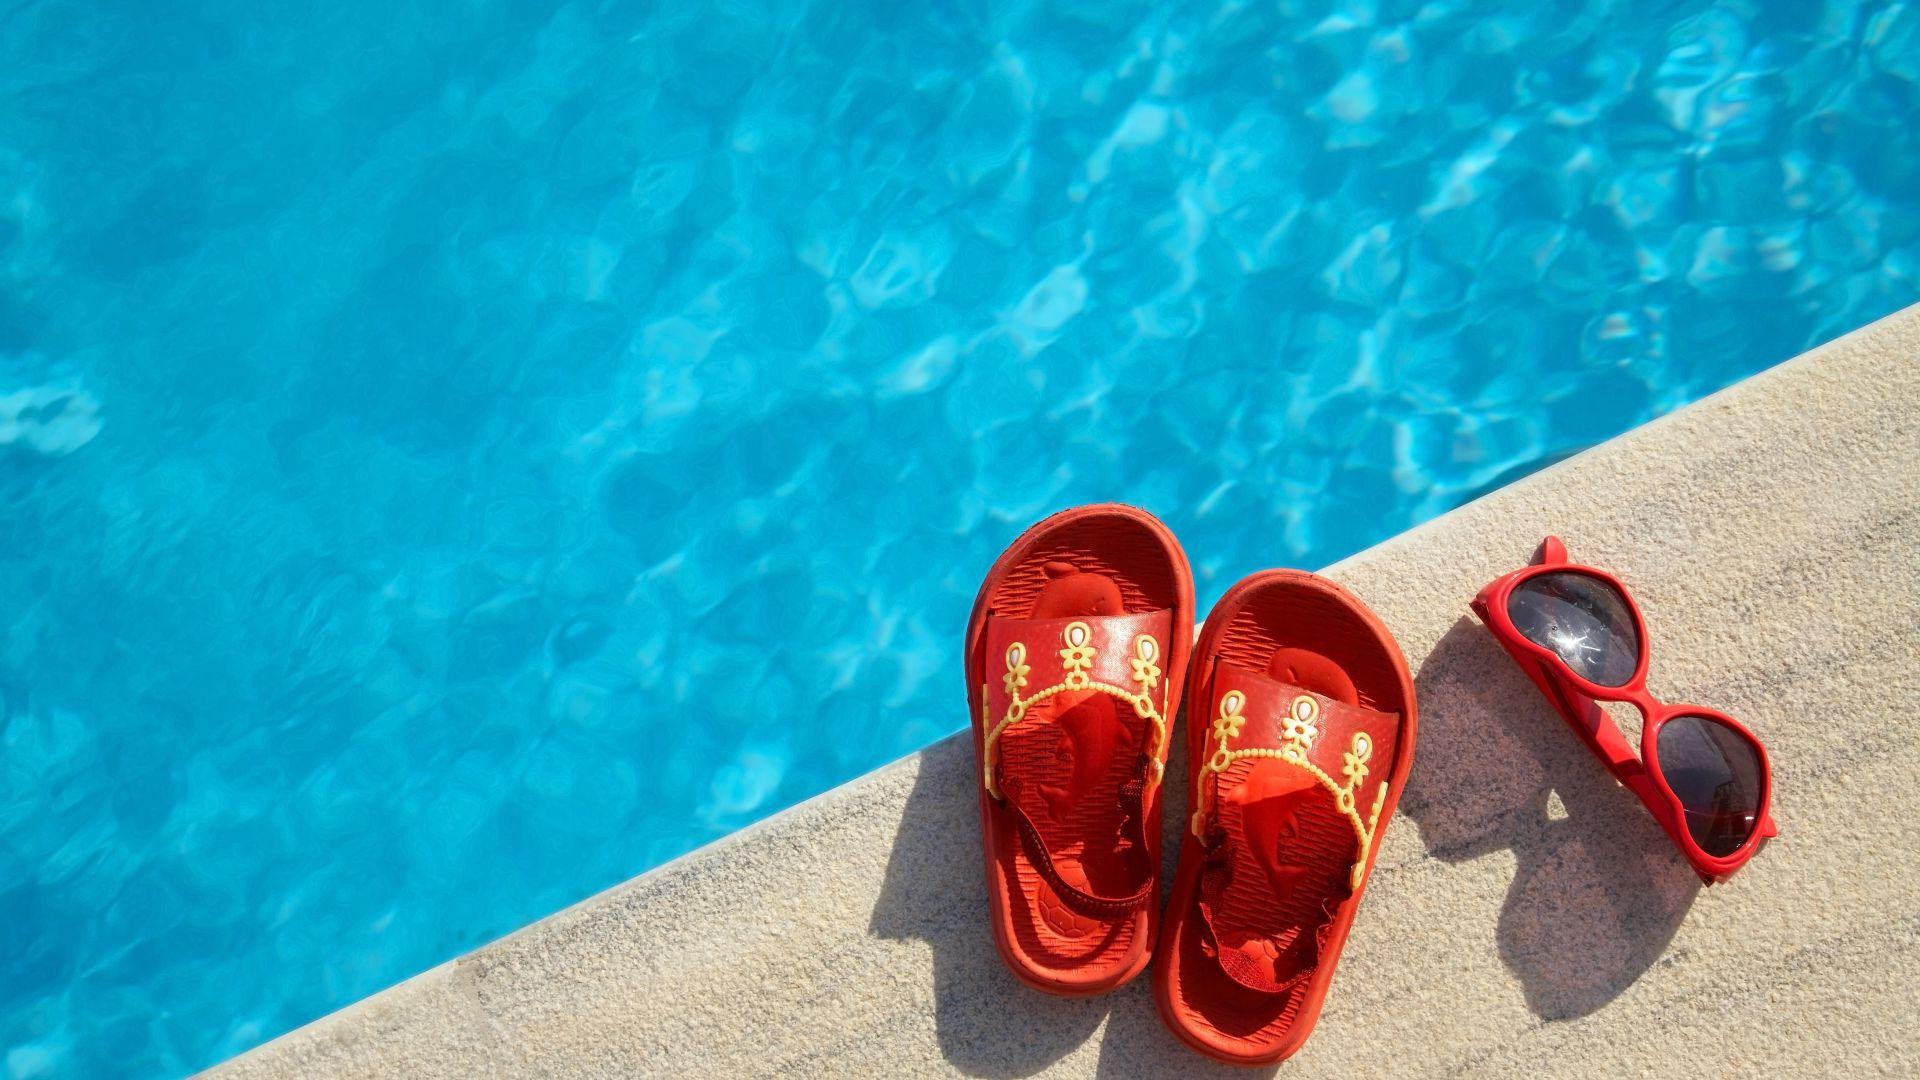 Piscine et accessoires de piscine